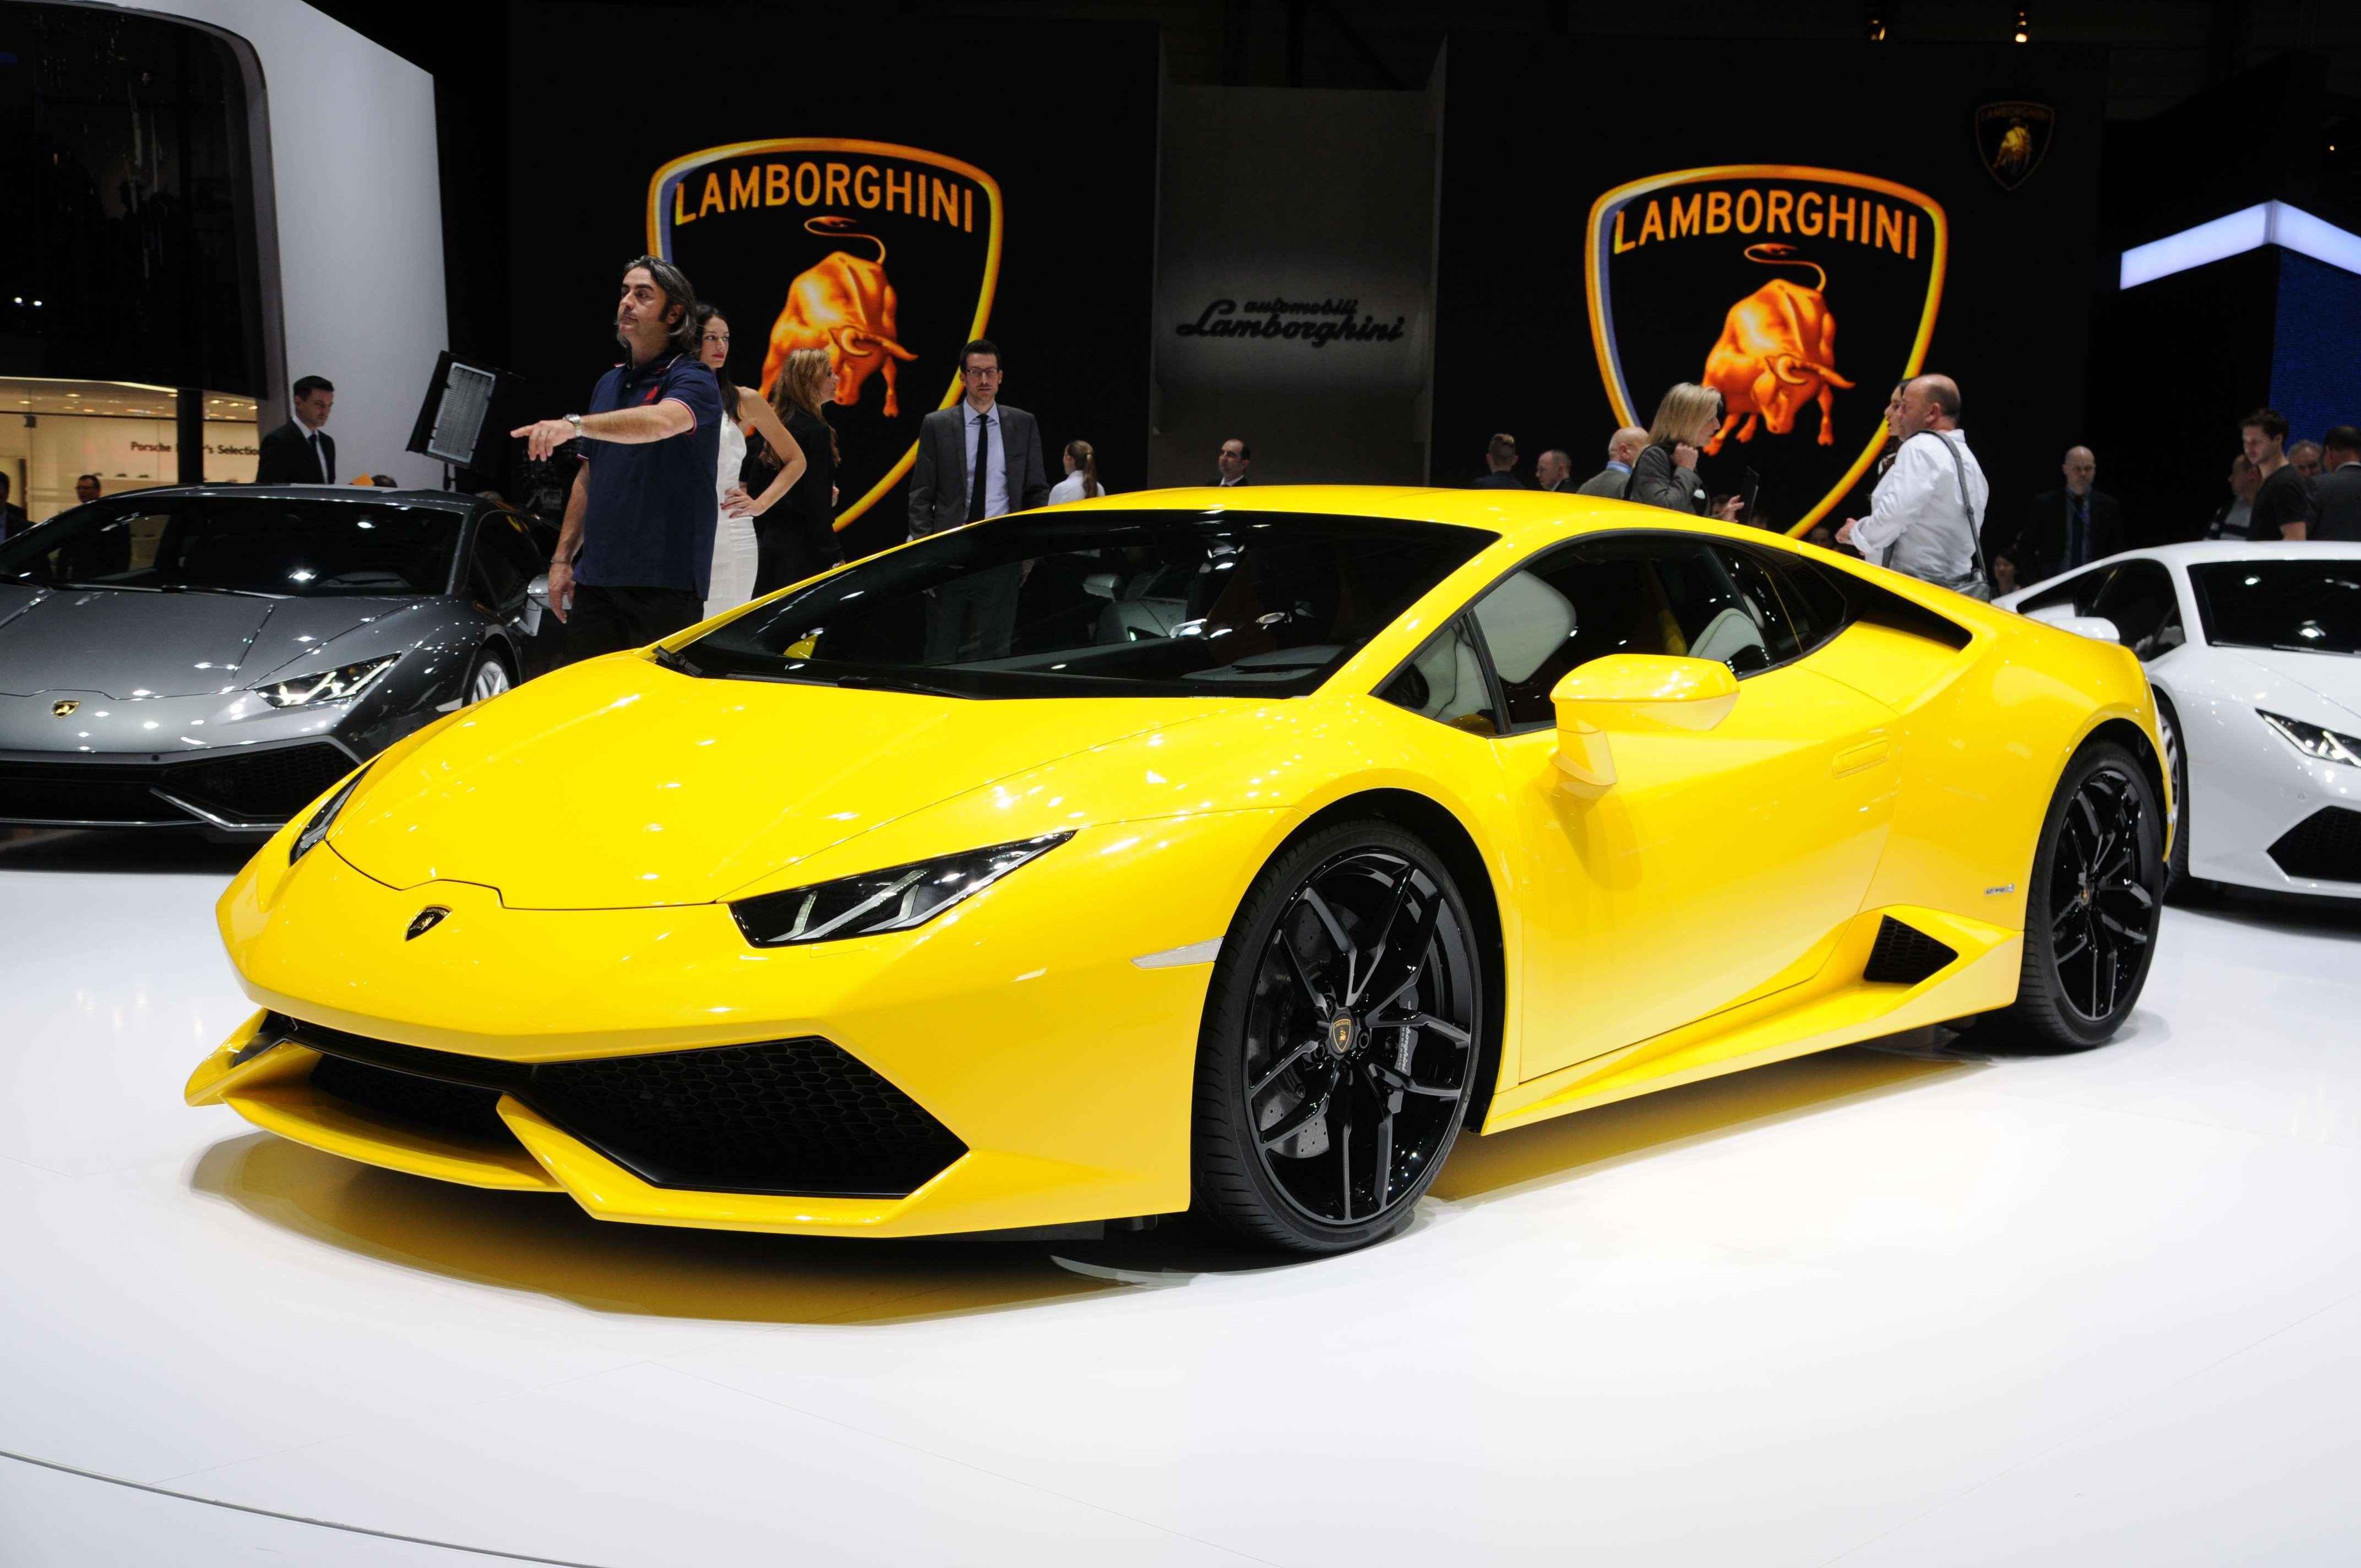 Lamborghini Announces New President & CEO